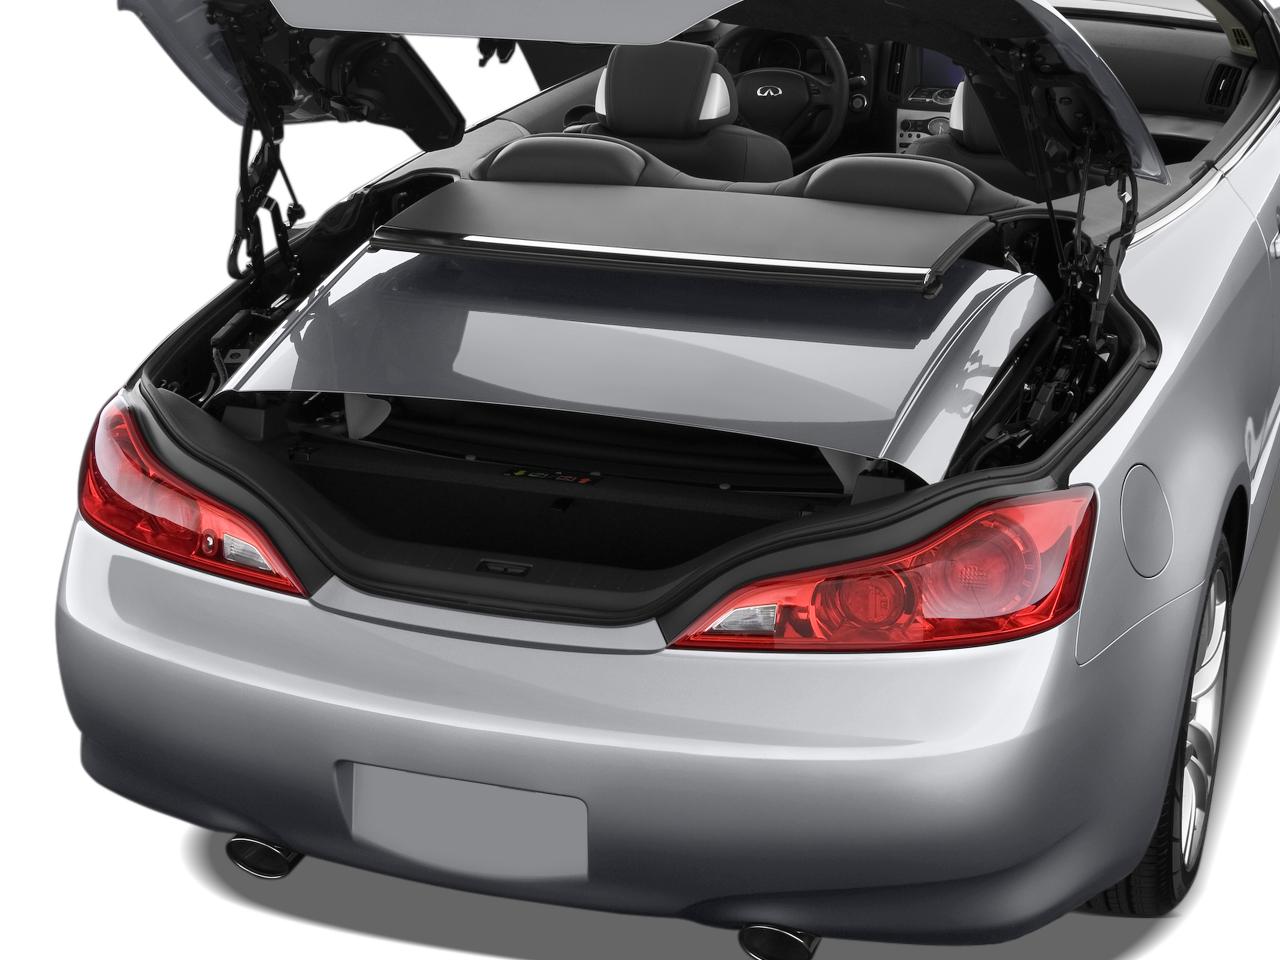 2009 Infiniti G37 Convertible - Infiniti Luxury Sport